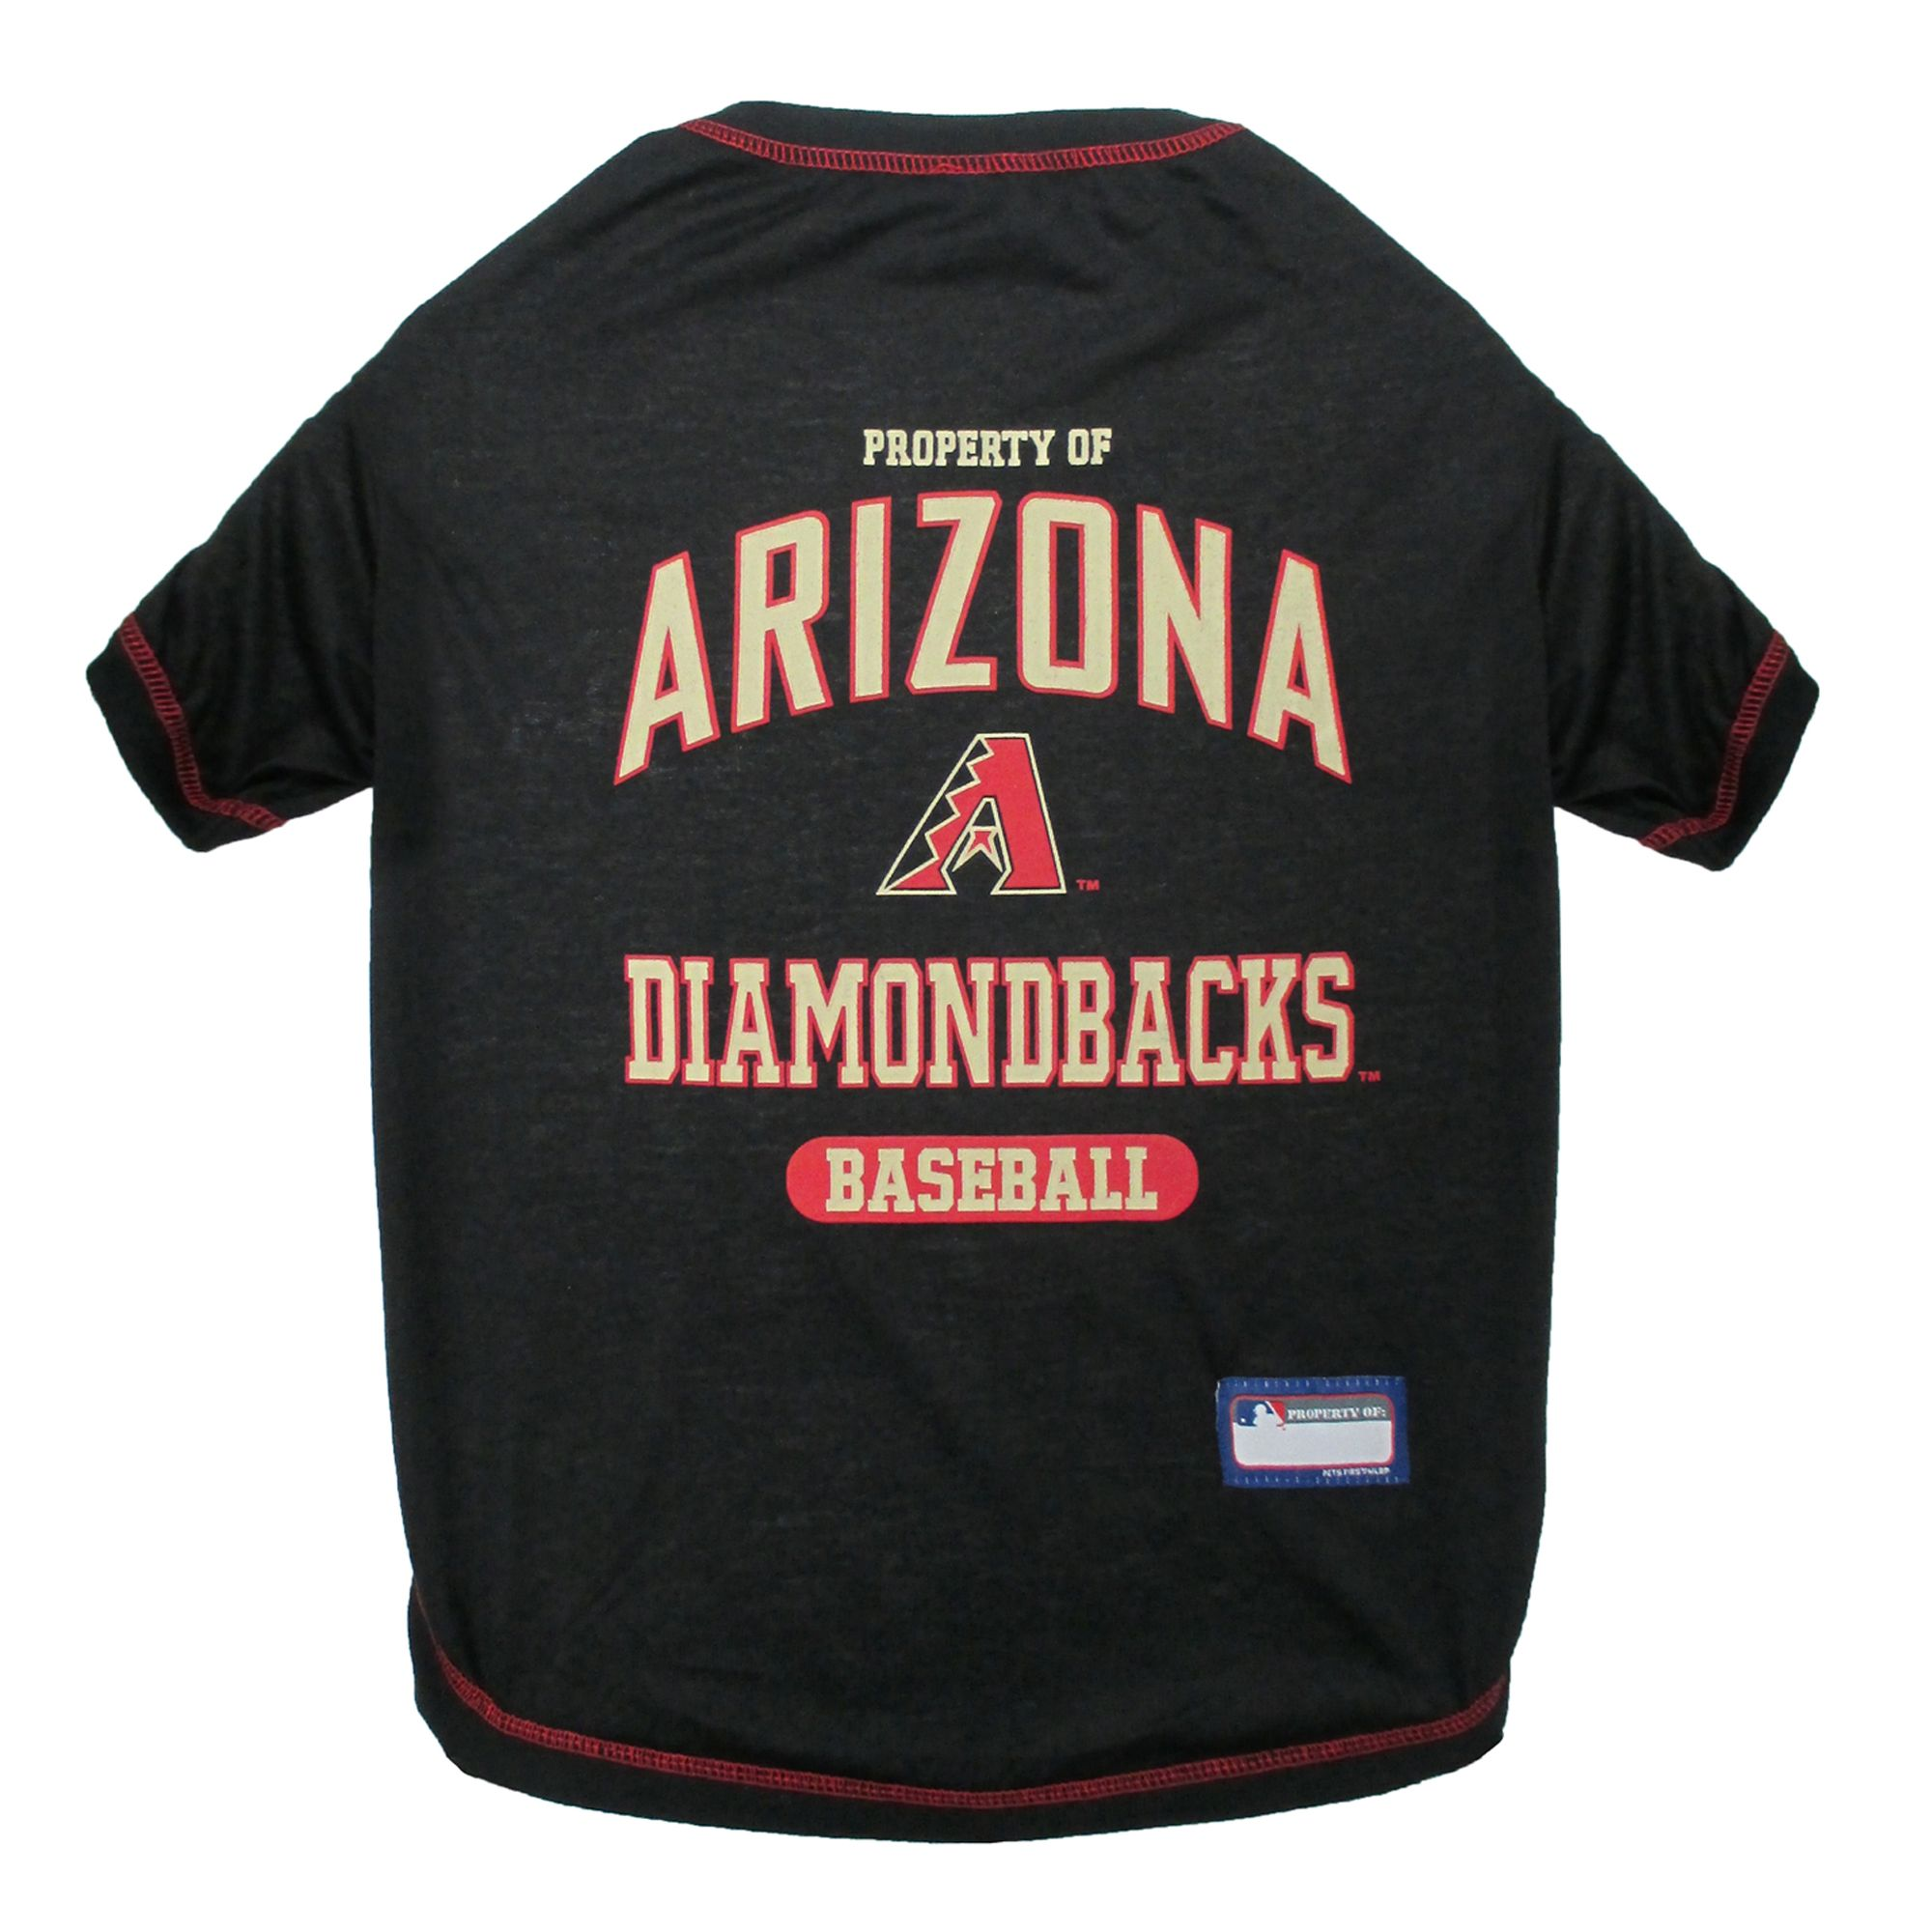 Arizona Diamondbacks Mlb Team Tee Size Large Pets First